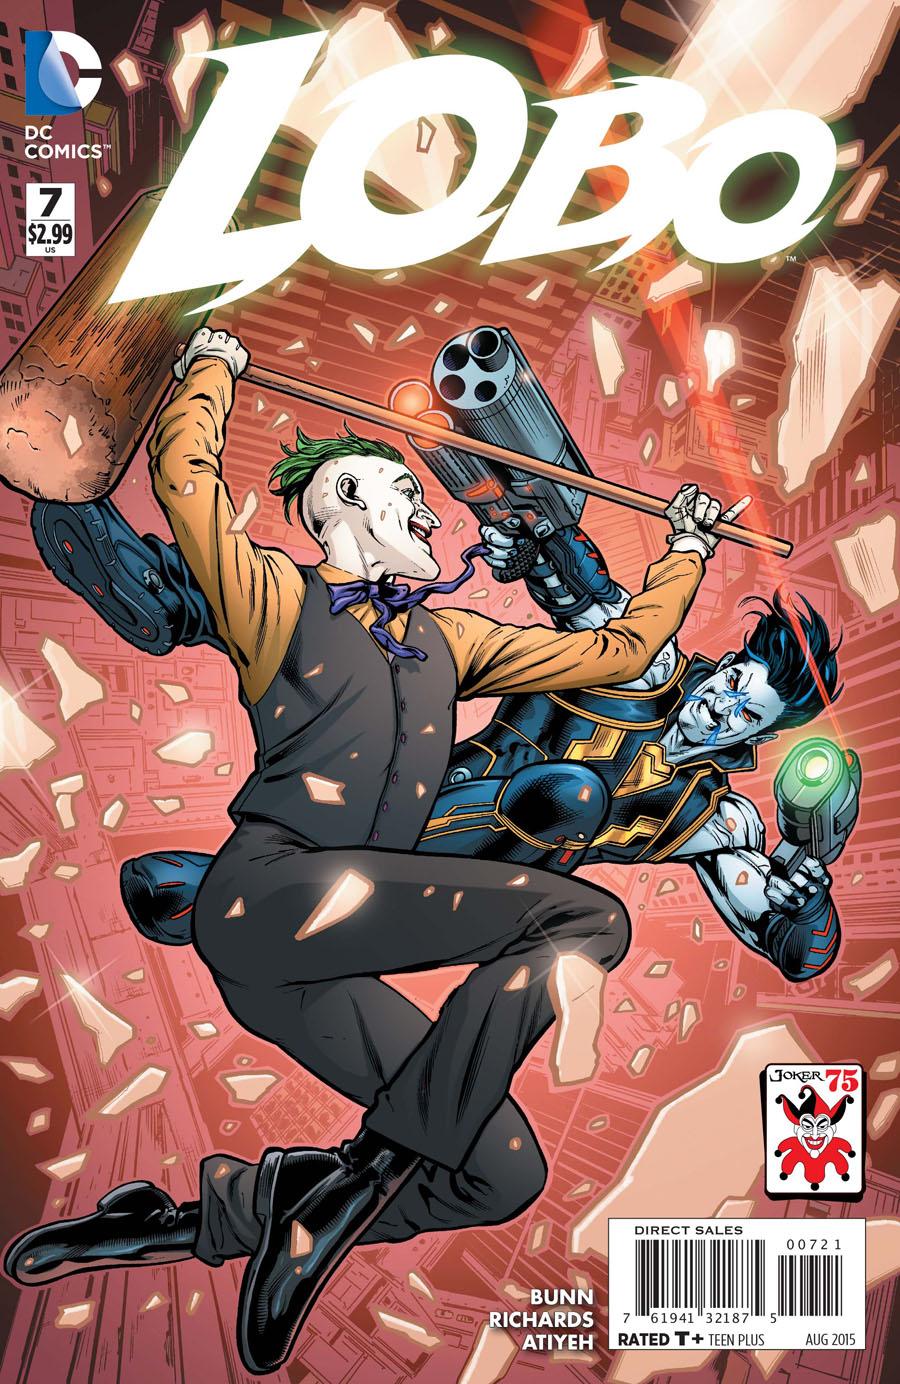 Lobo Vol 3 #7 Cover B Variant Neil Edwards The Joker 75th Anniversary Cover